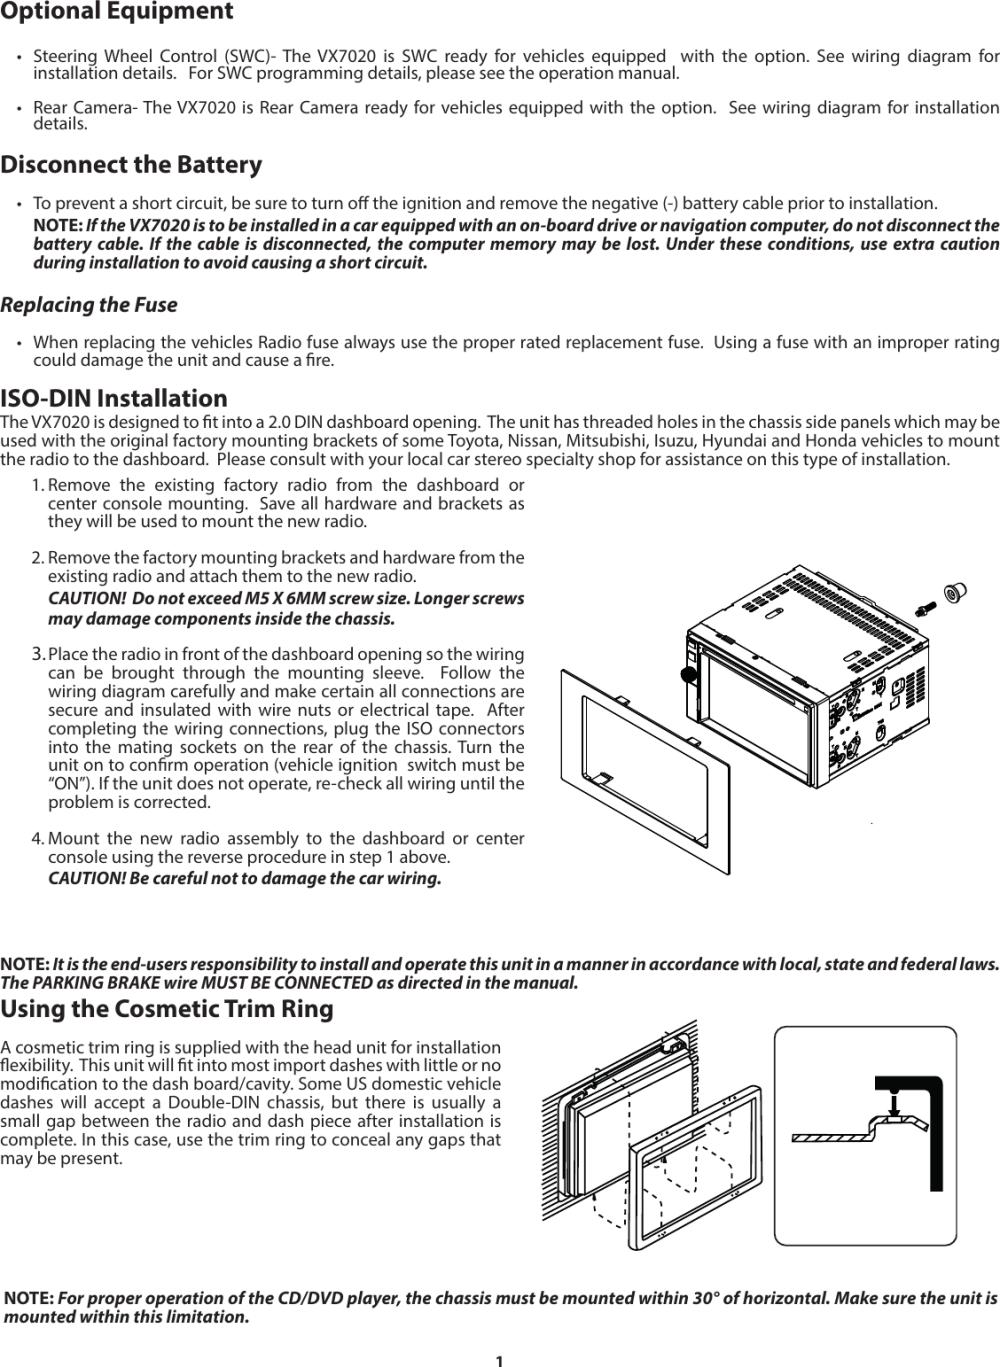 medium resolution of  audiovox vx7020 installation manual 128 9293 guide 03 25 14 on prestige remote car starter diagram